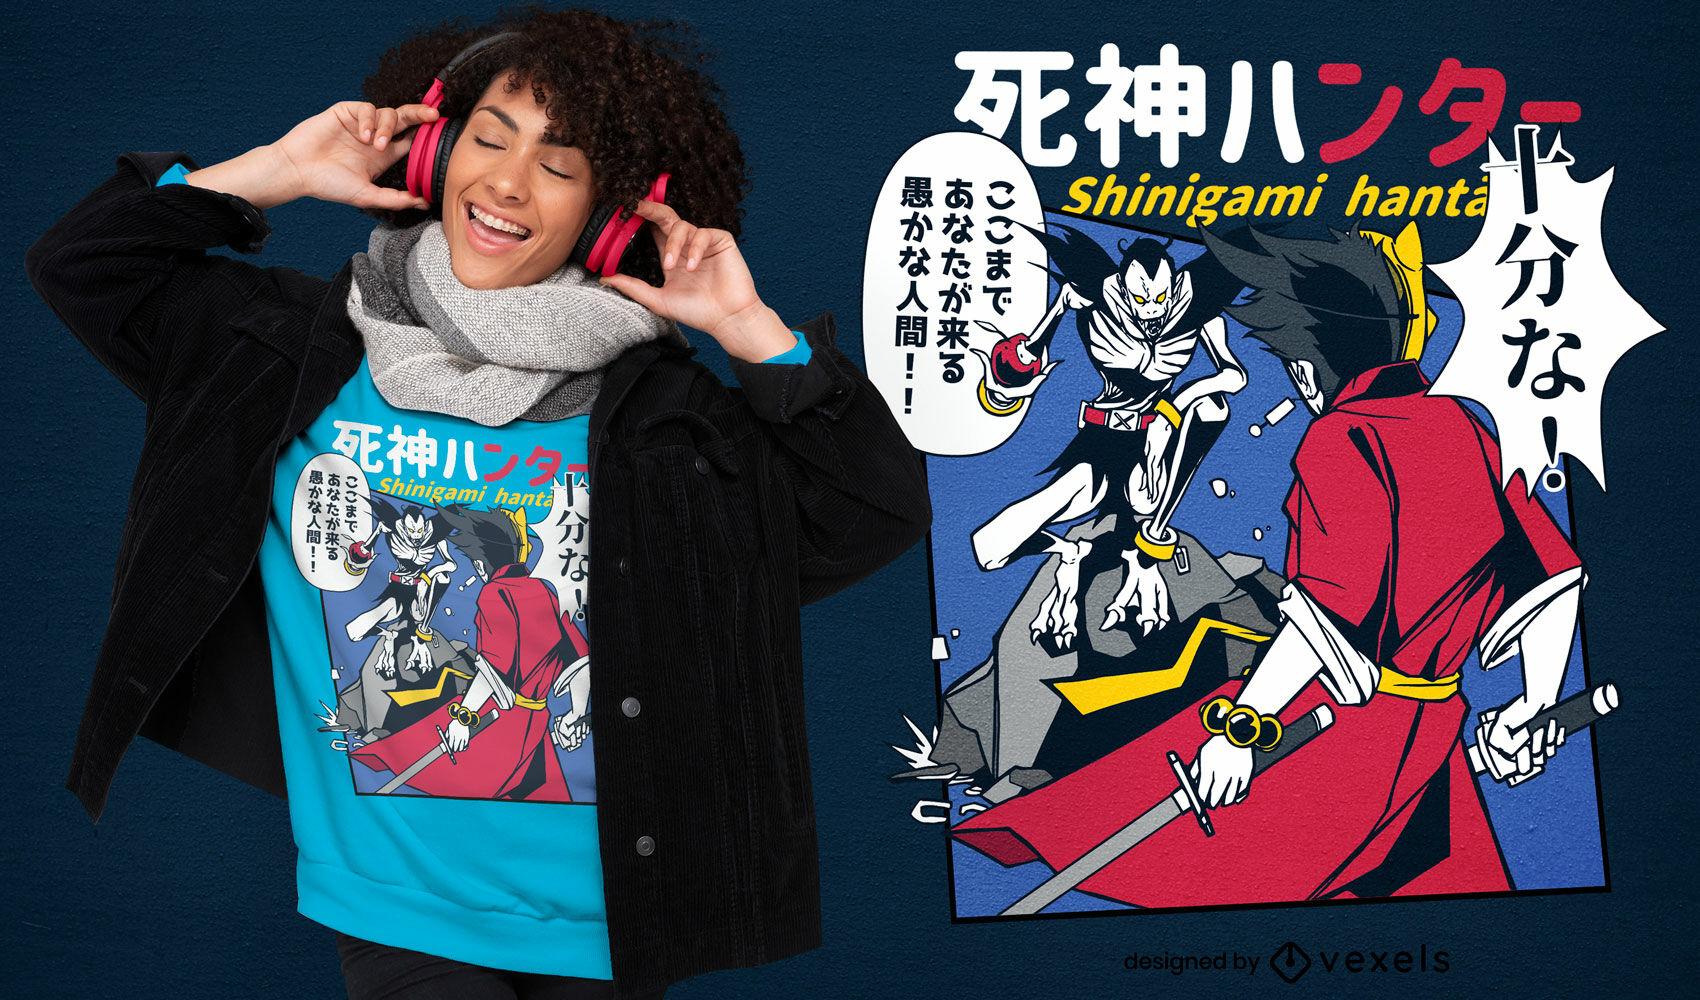 Japanese monster comic t-shirt design